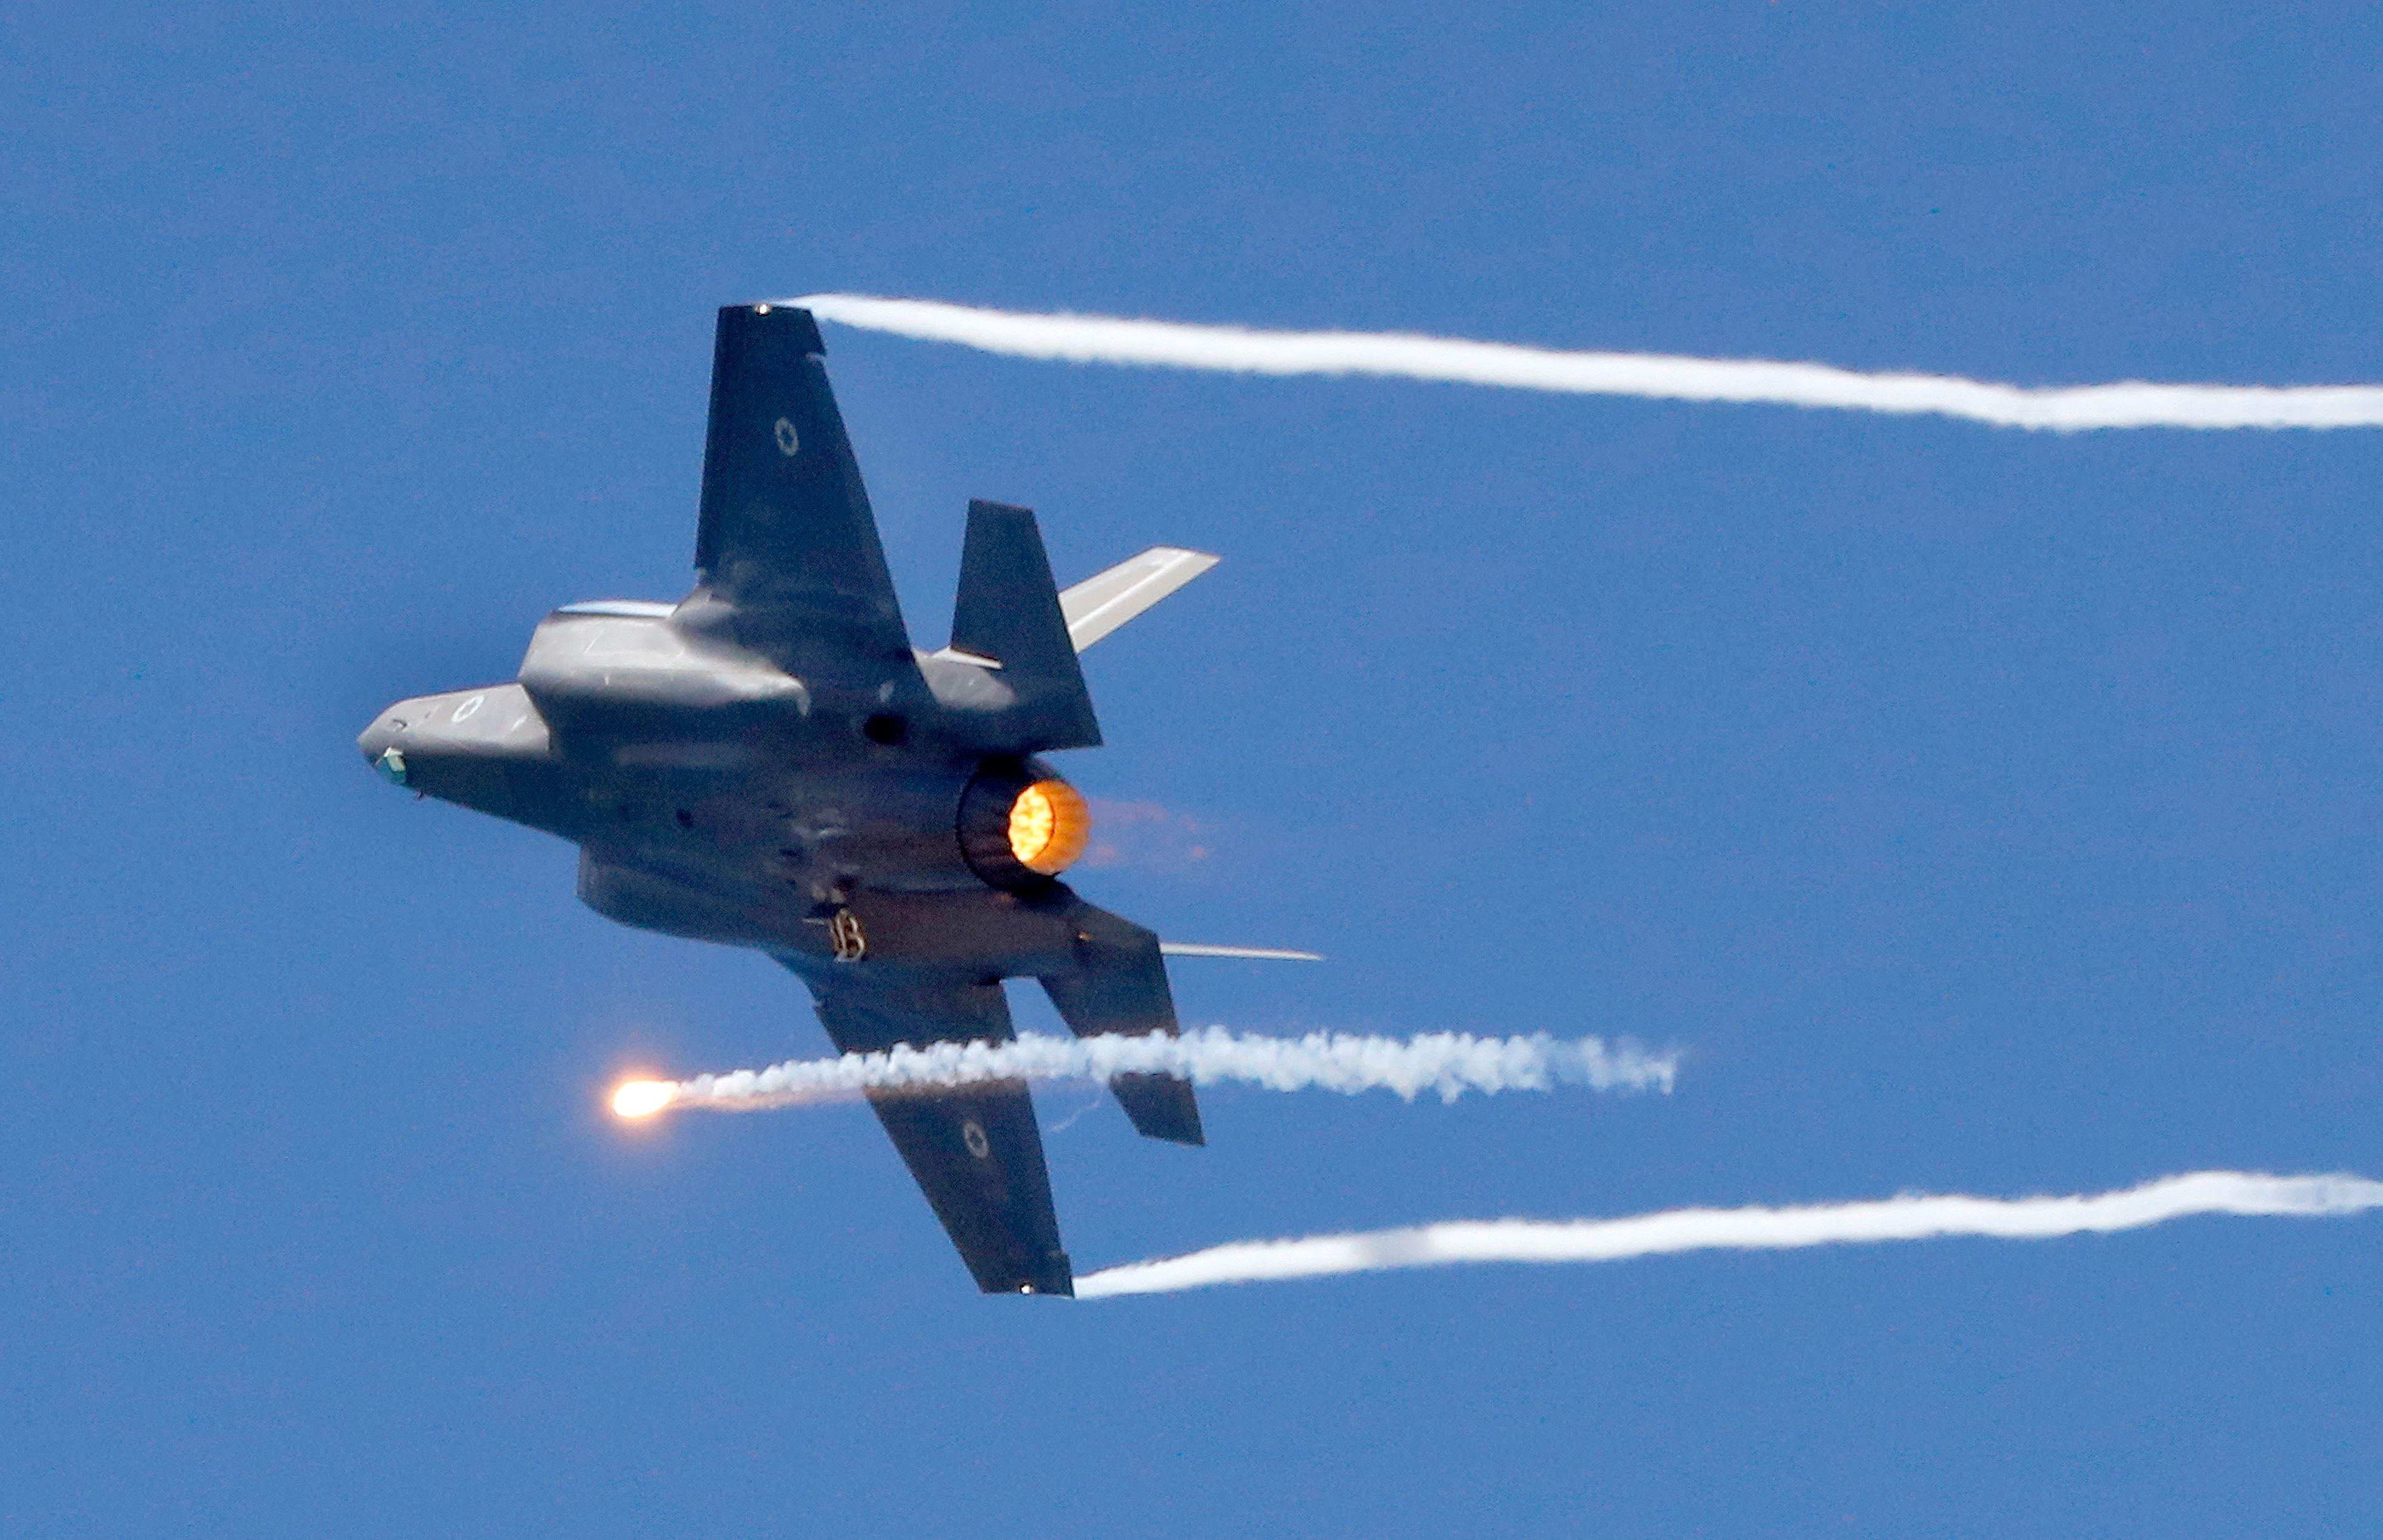 Um F-35 executa manobras durante um show aéreo [JACK GUEZ Getty Images]